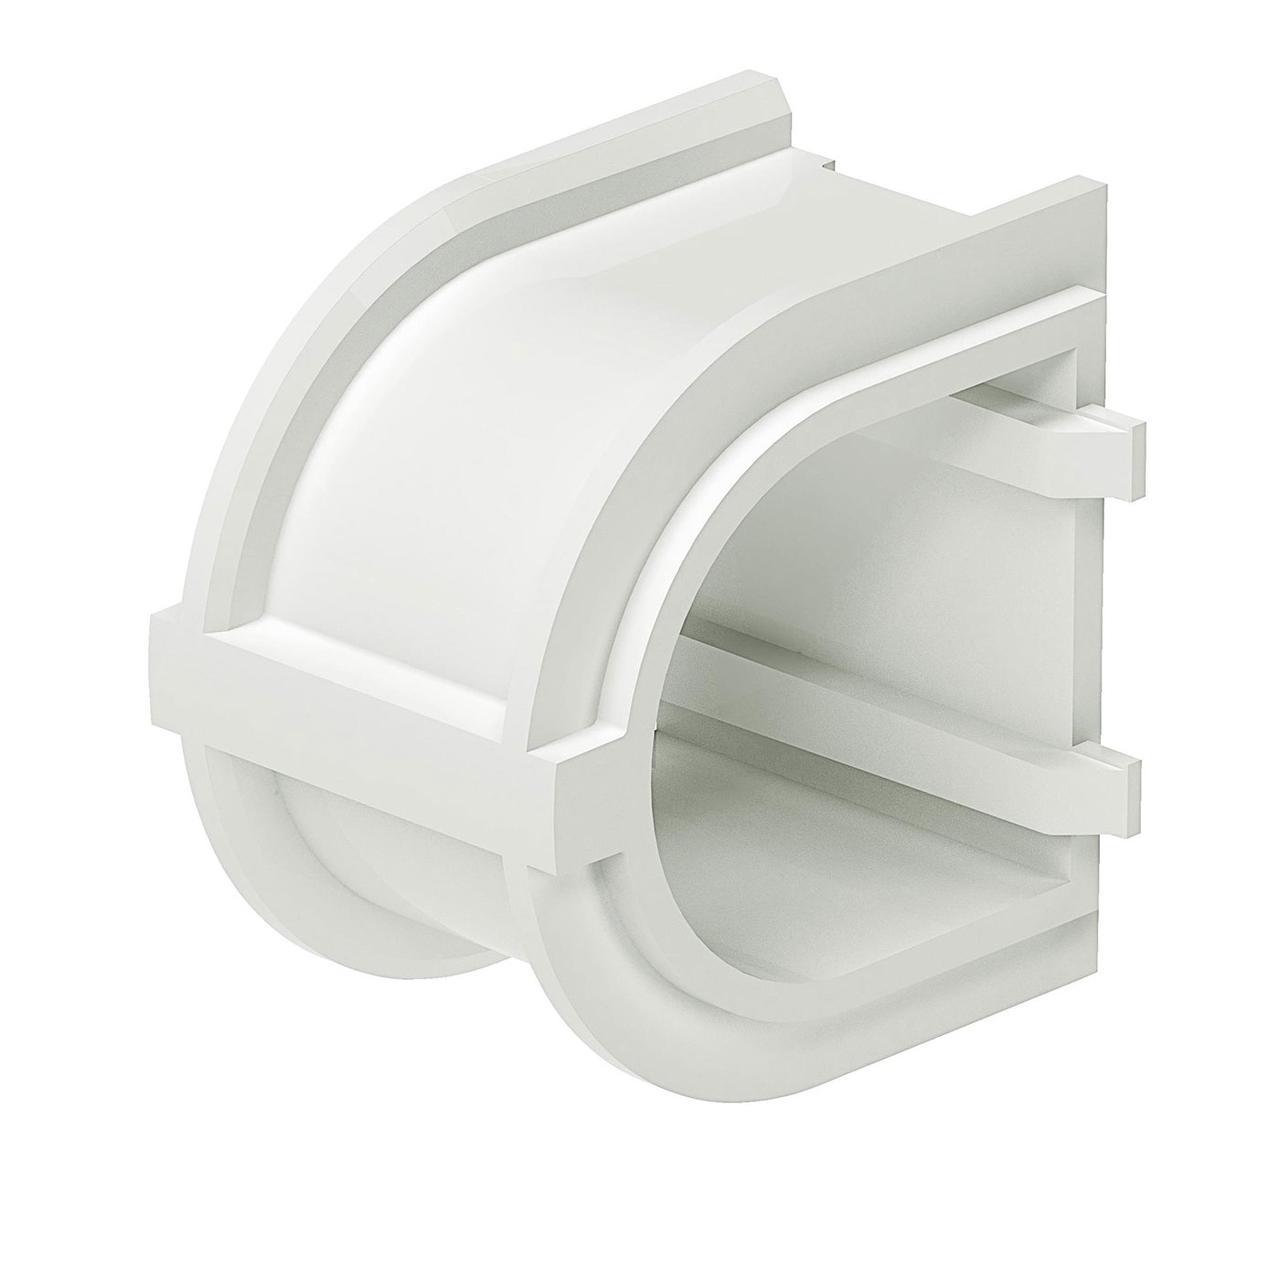 Соединительный элемент для коробок Schneider IMT35180